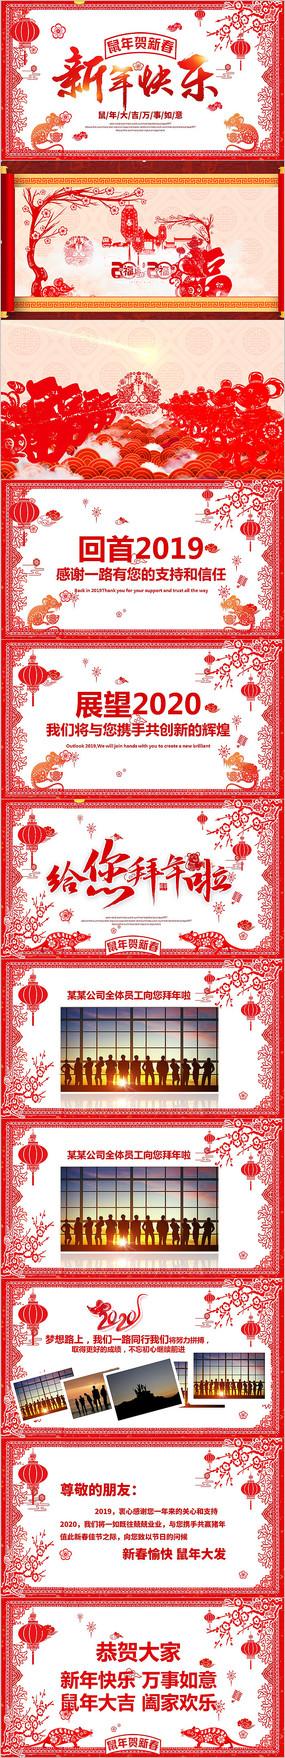 2020鼠年剪纸风格中国风新年电子贺卡PPT